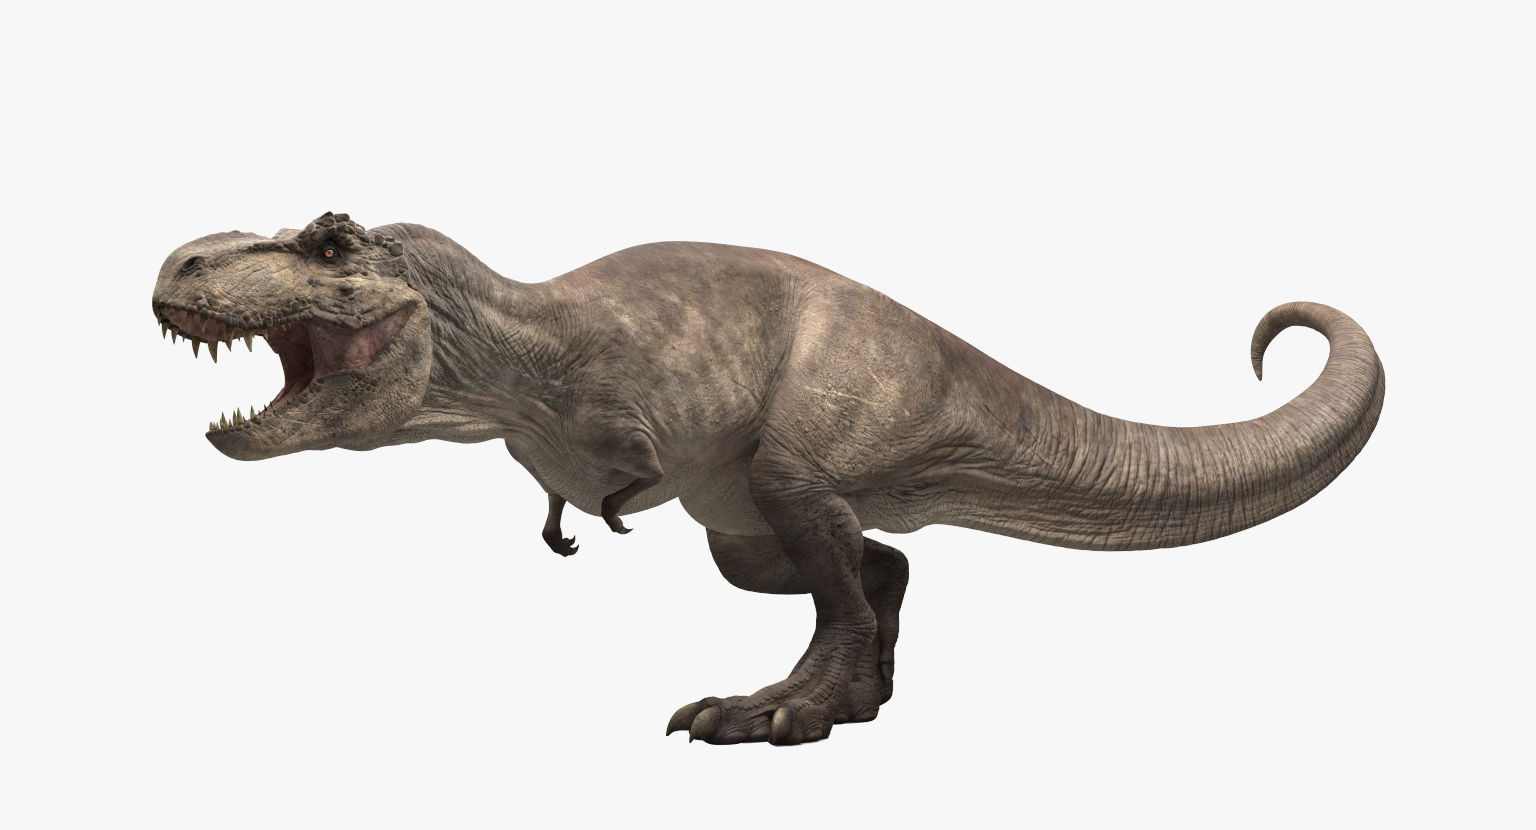 Informacion Tiranosaurio rex